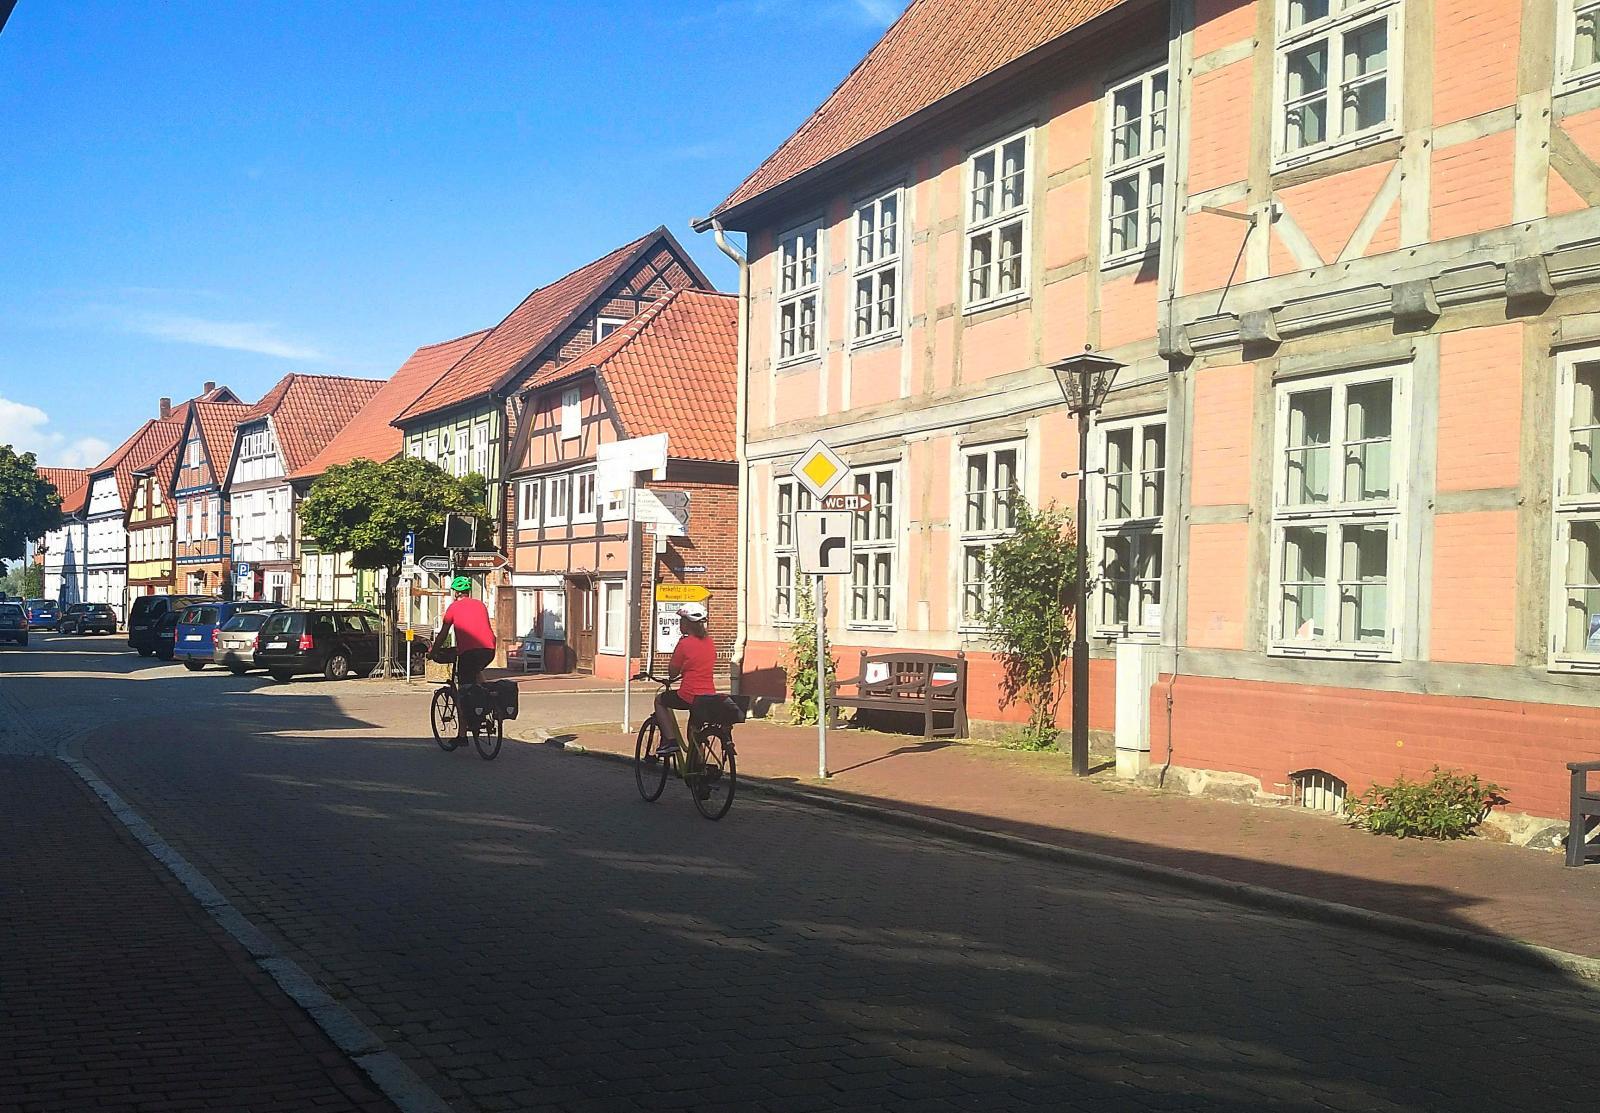 Det går utmärkt att promenera överallt i staden och om du har cykel är det än lättare. Lidl ligger också nära ställplatsen.